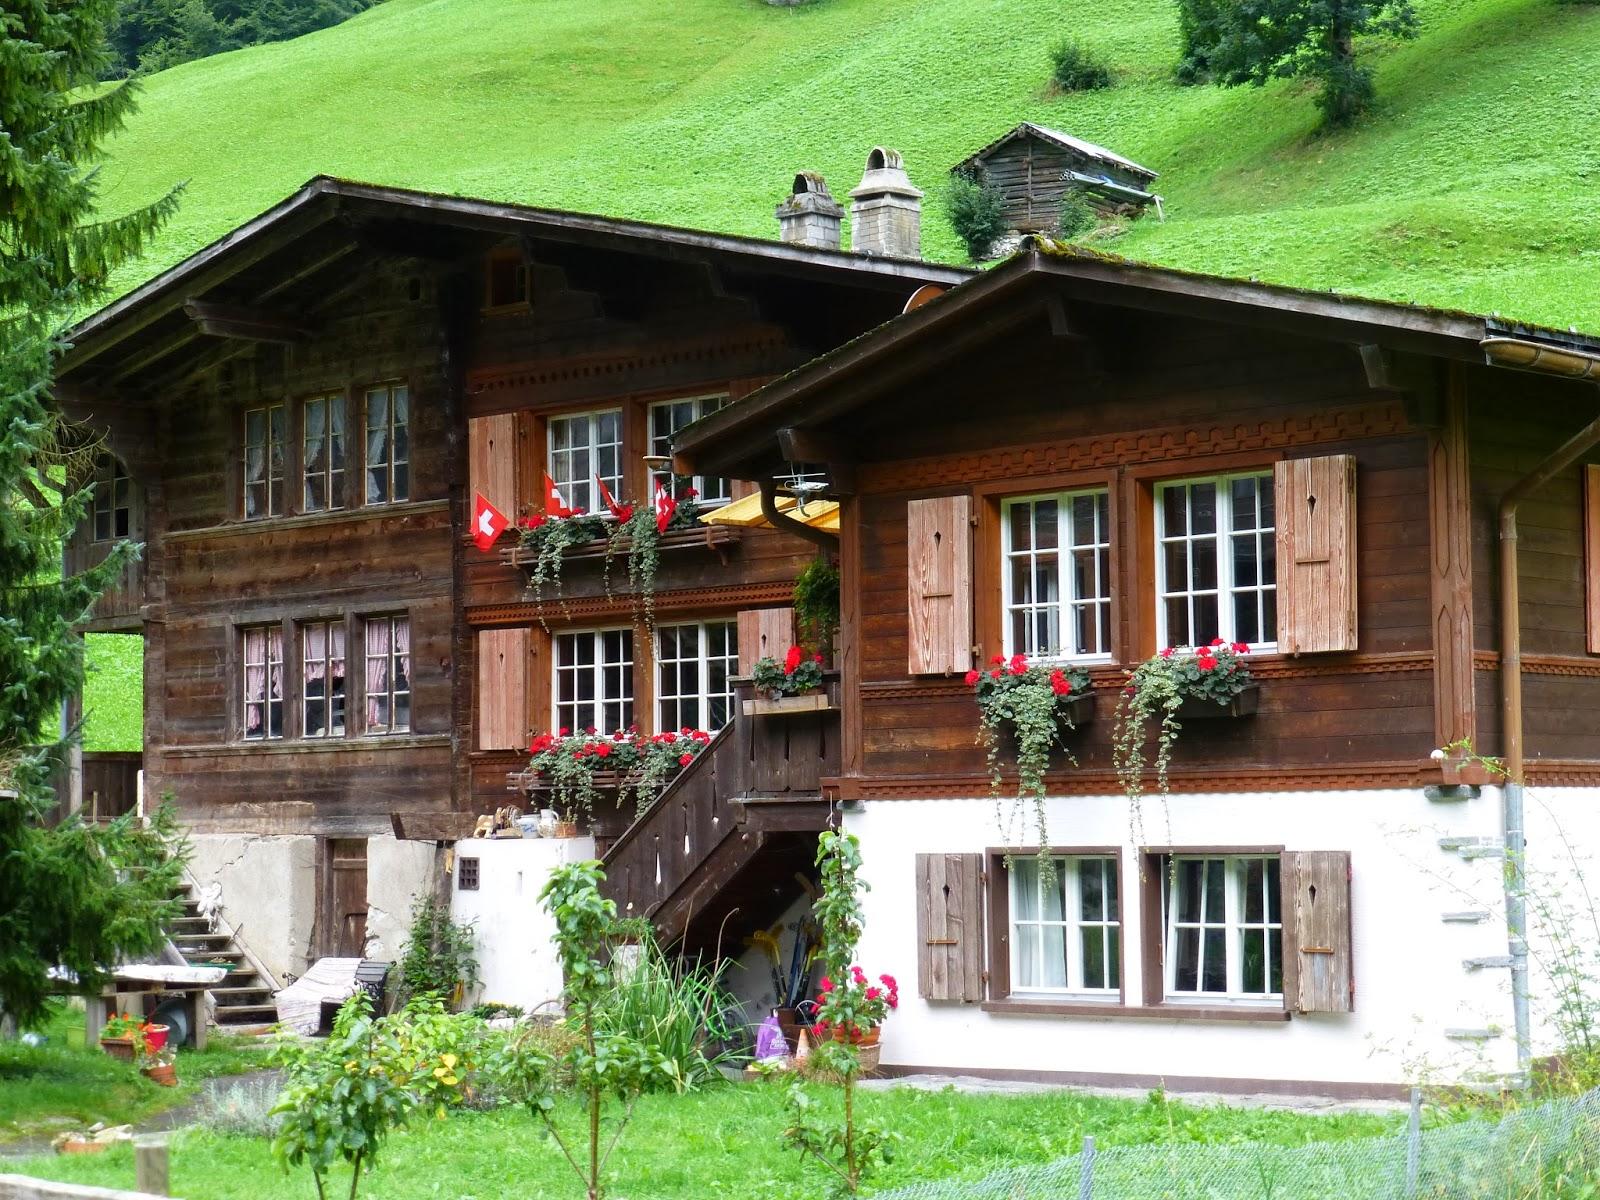 Alpine shutters